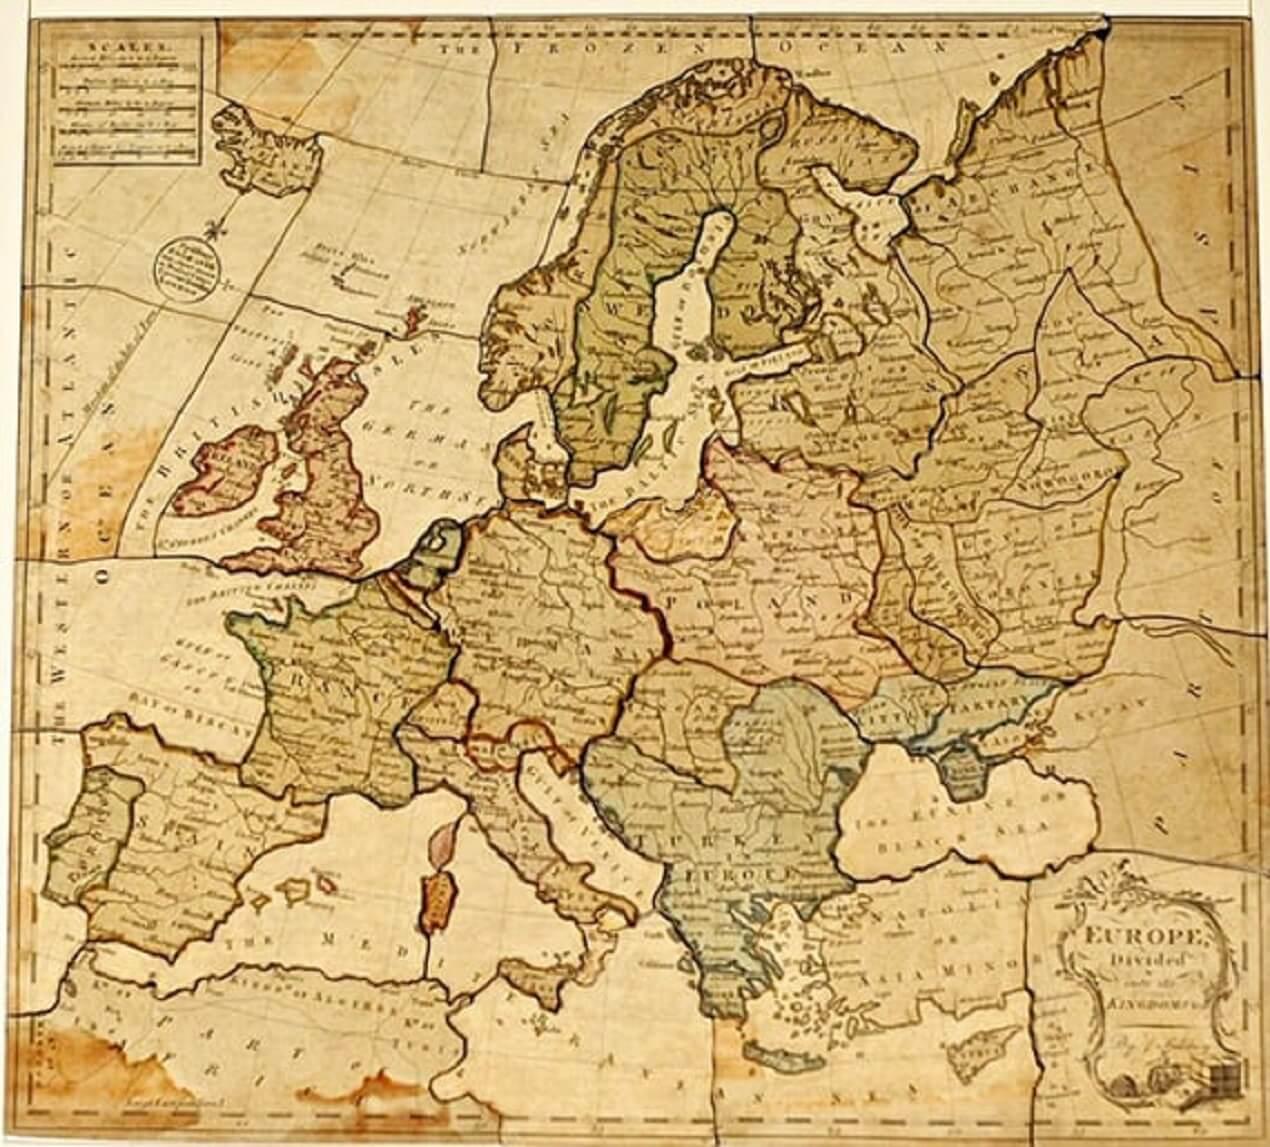 Εurope Divided 1762